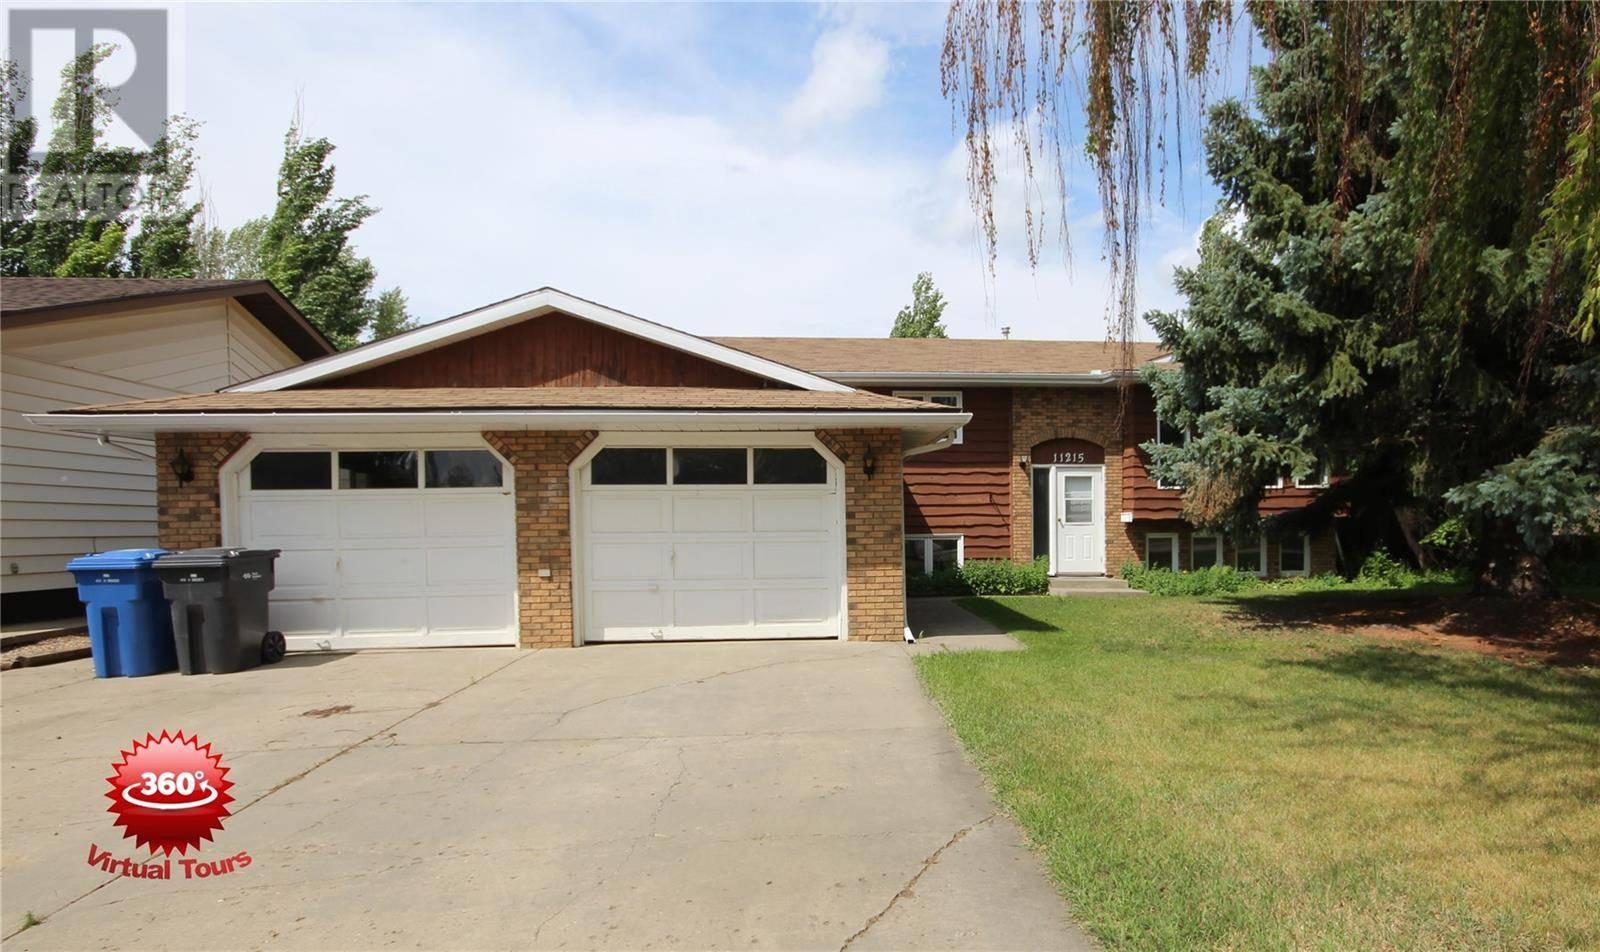 House for sale at 11215 Gardiner Dr North Battleford Saskatchewan - MLS: SK776750